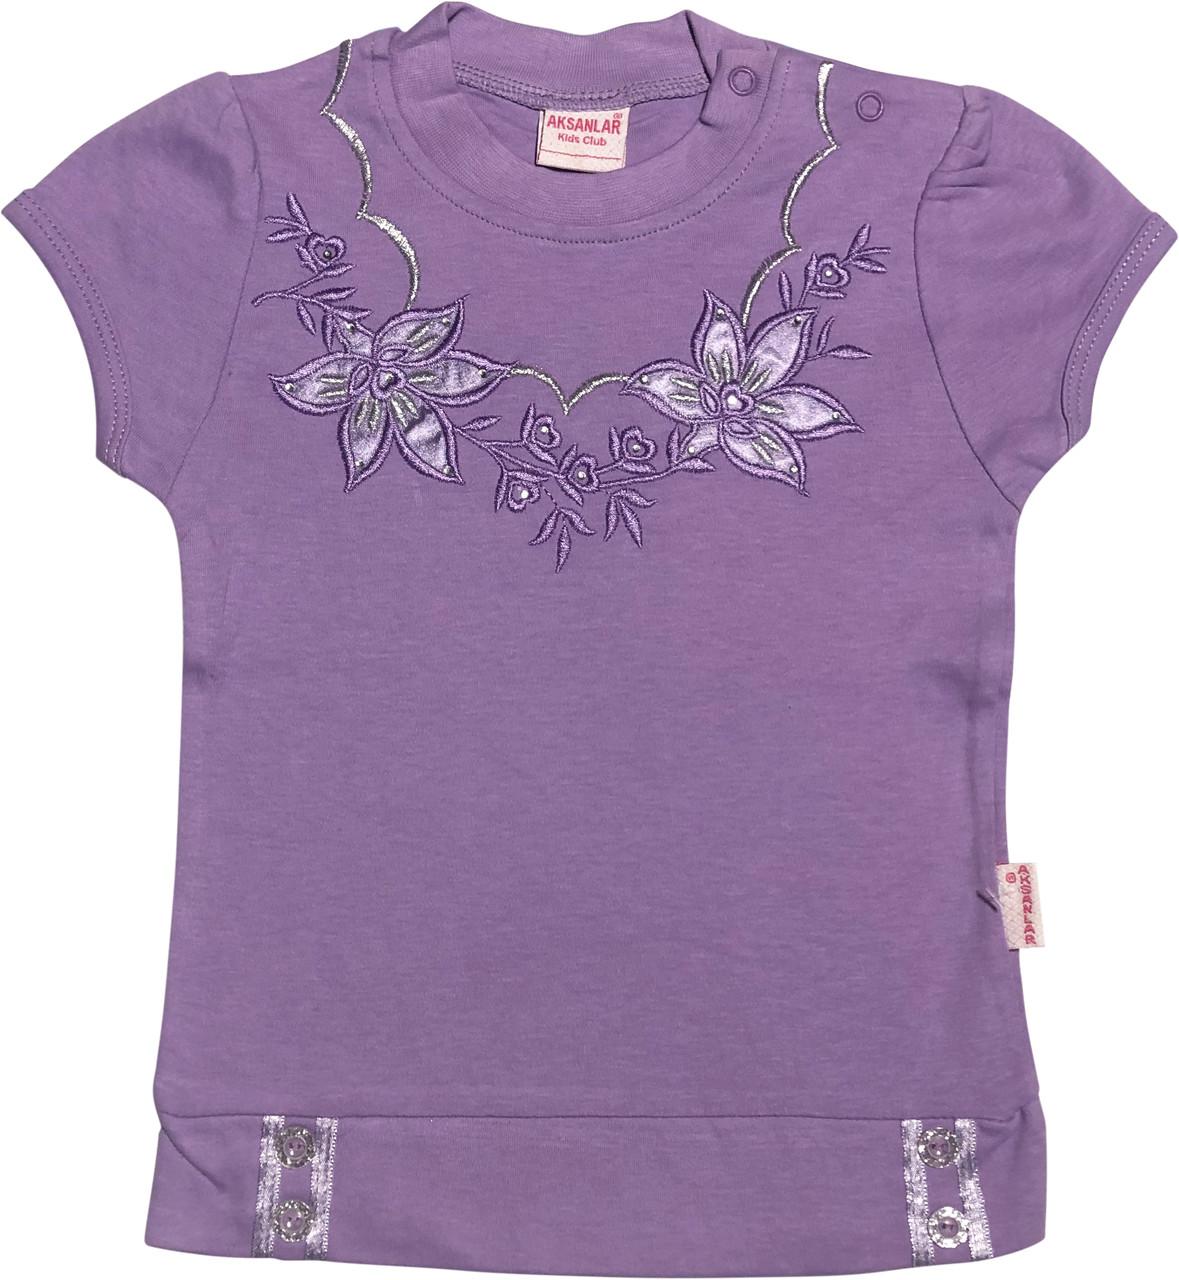 Детская футболка на девочку рост 98 2-3 года для малышей красивая стильная нарядная трикотажная сиреневая